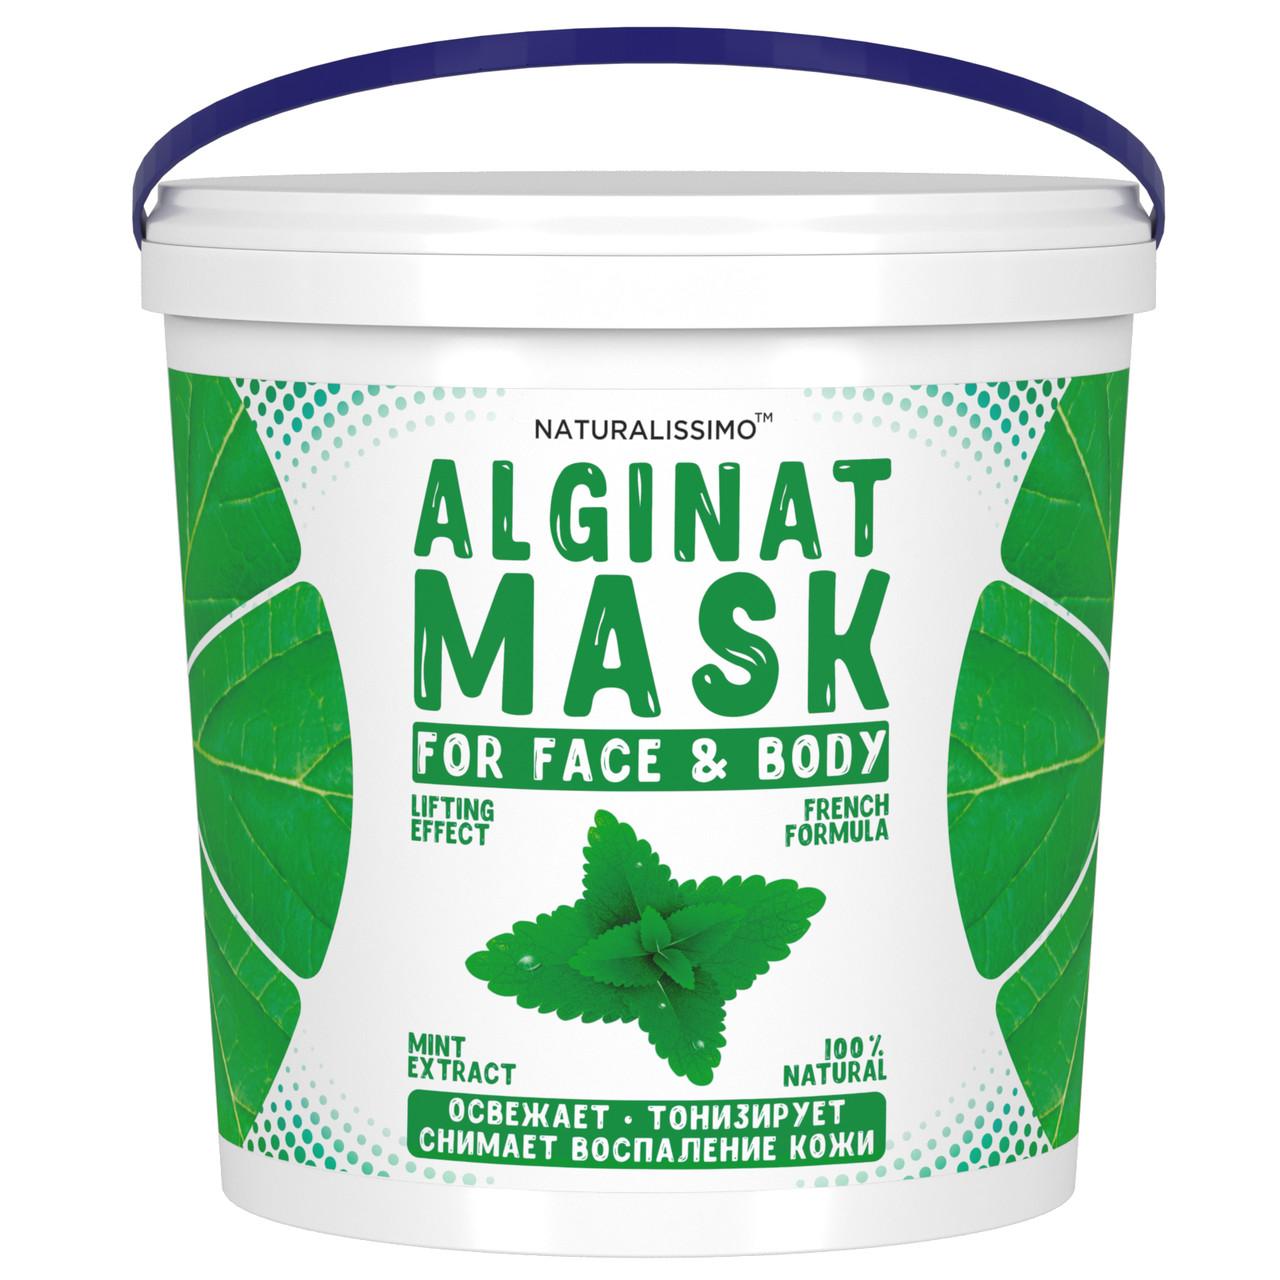 Альгинатная маска Освежает, очищает и тонизирует кожу, от купероза, с мятой, 1000 г